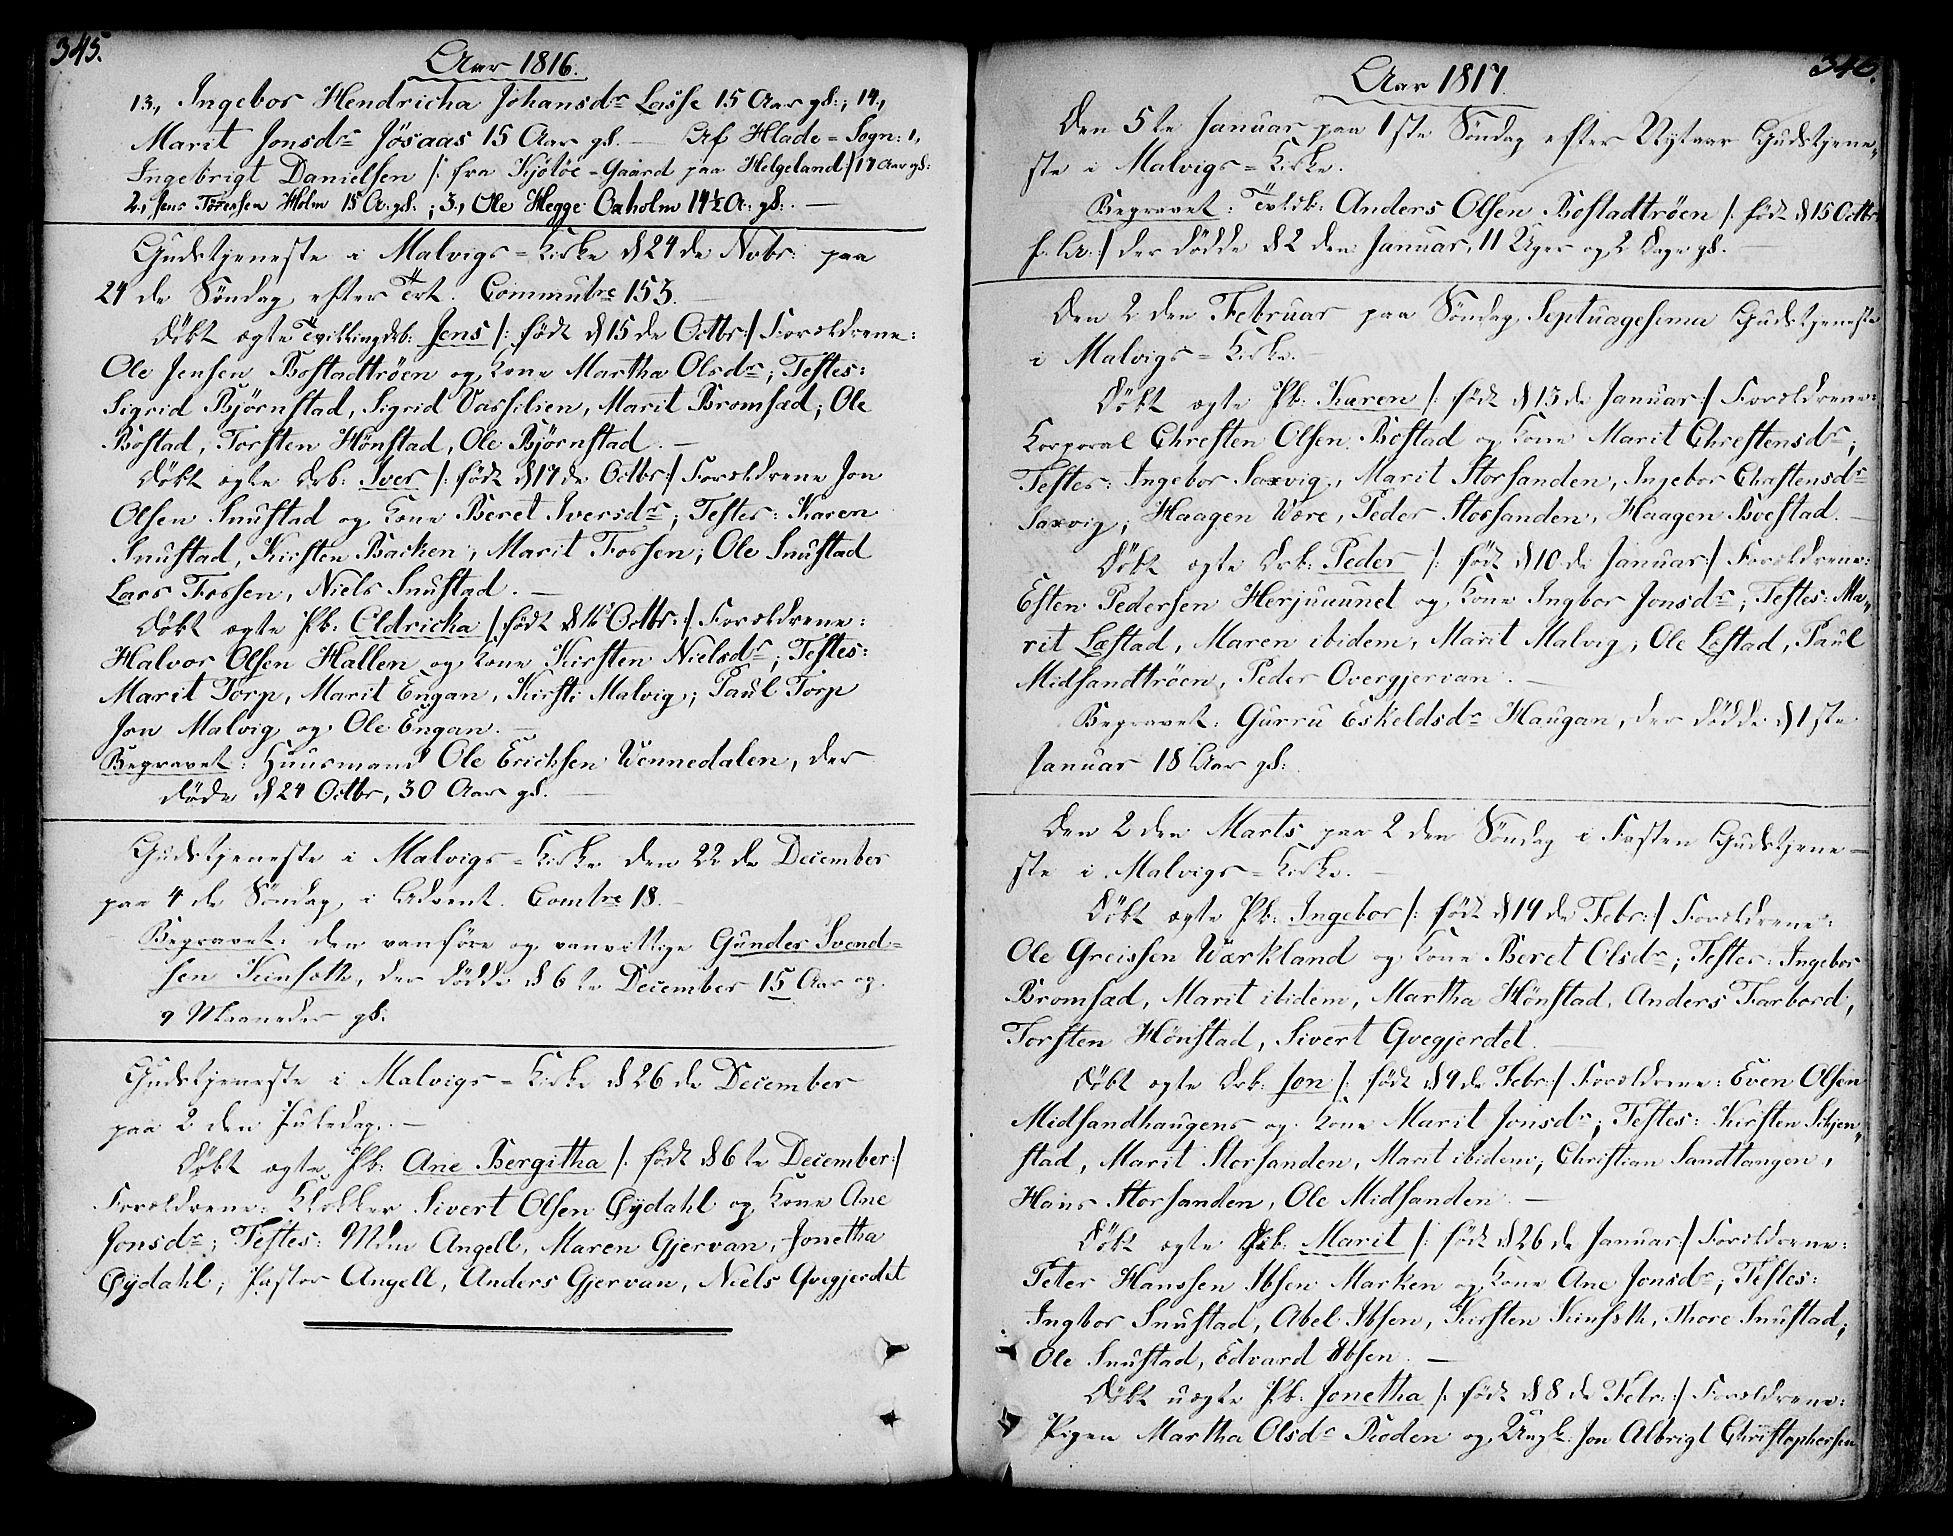 SAT, Ministerialprotokoller, klokkerbøker og fødselsregistre - Sør-Trøndelag, 606/L0281: Ministerialbok nr. 606A02 /2, 1781-1817, s. 345-346